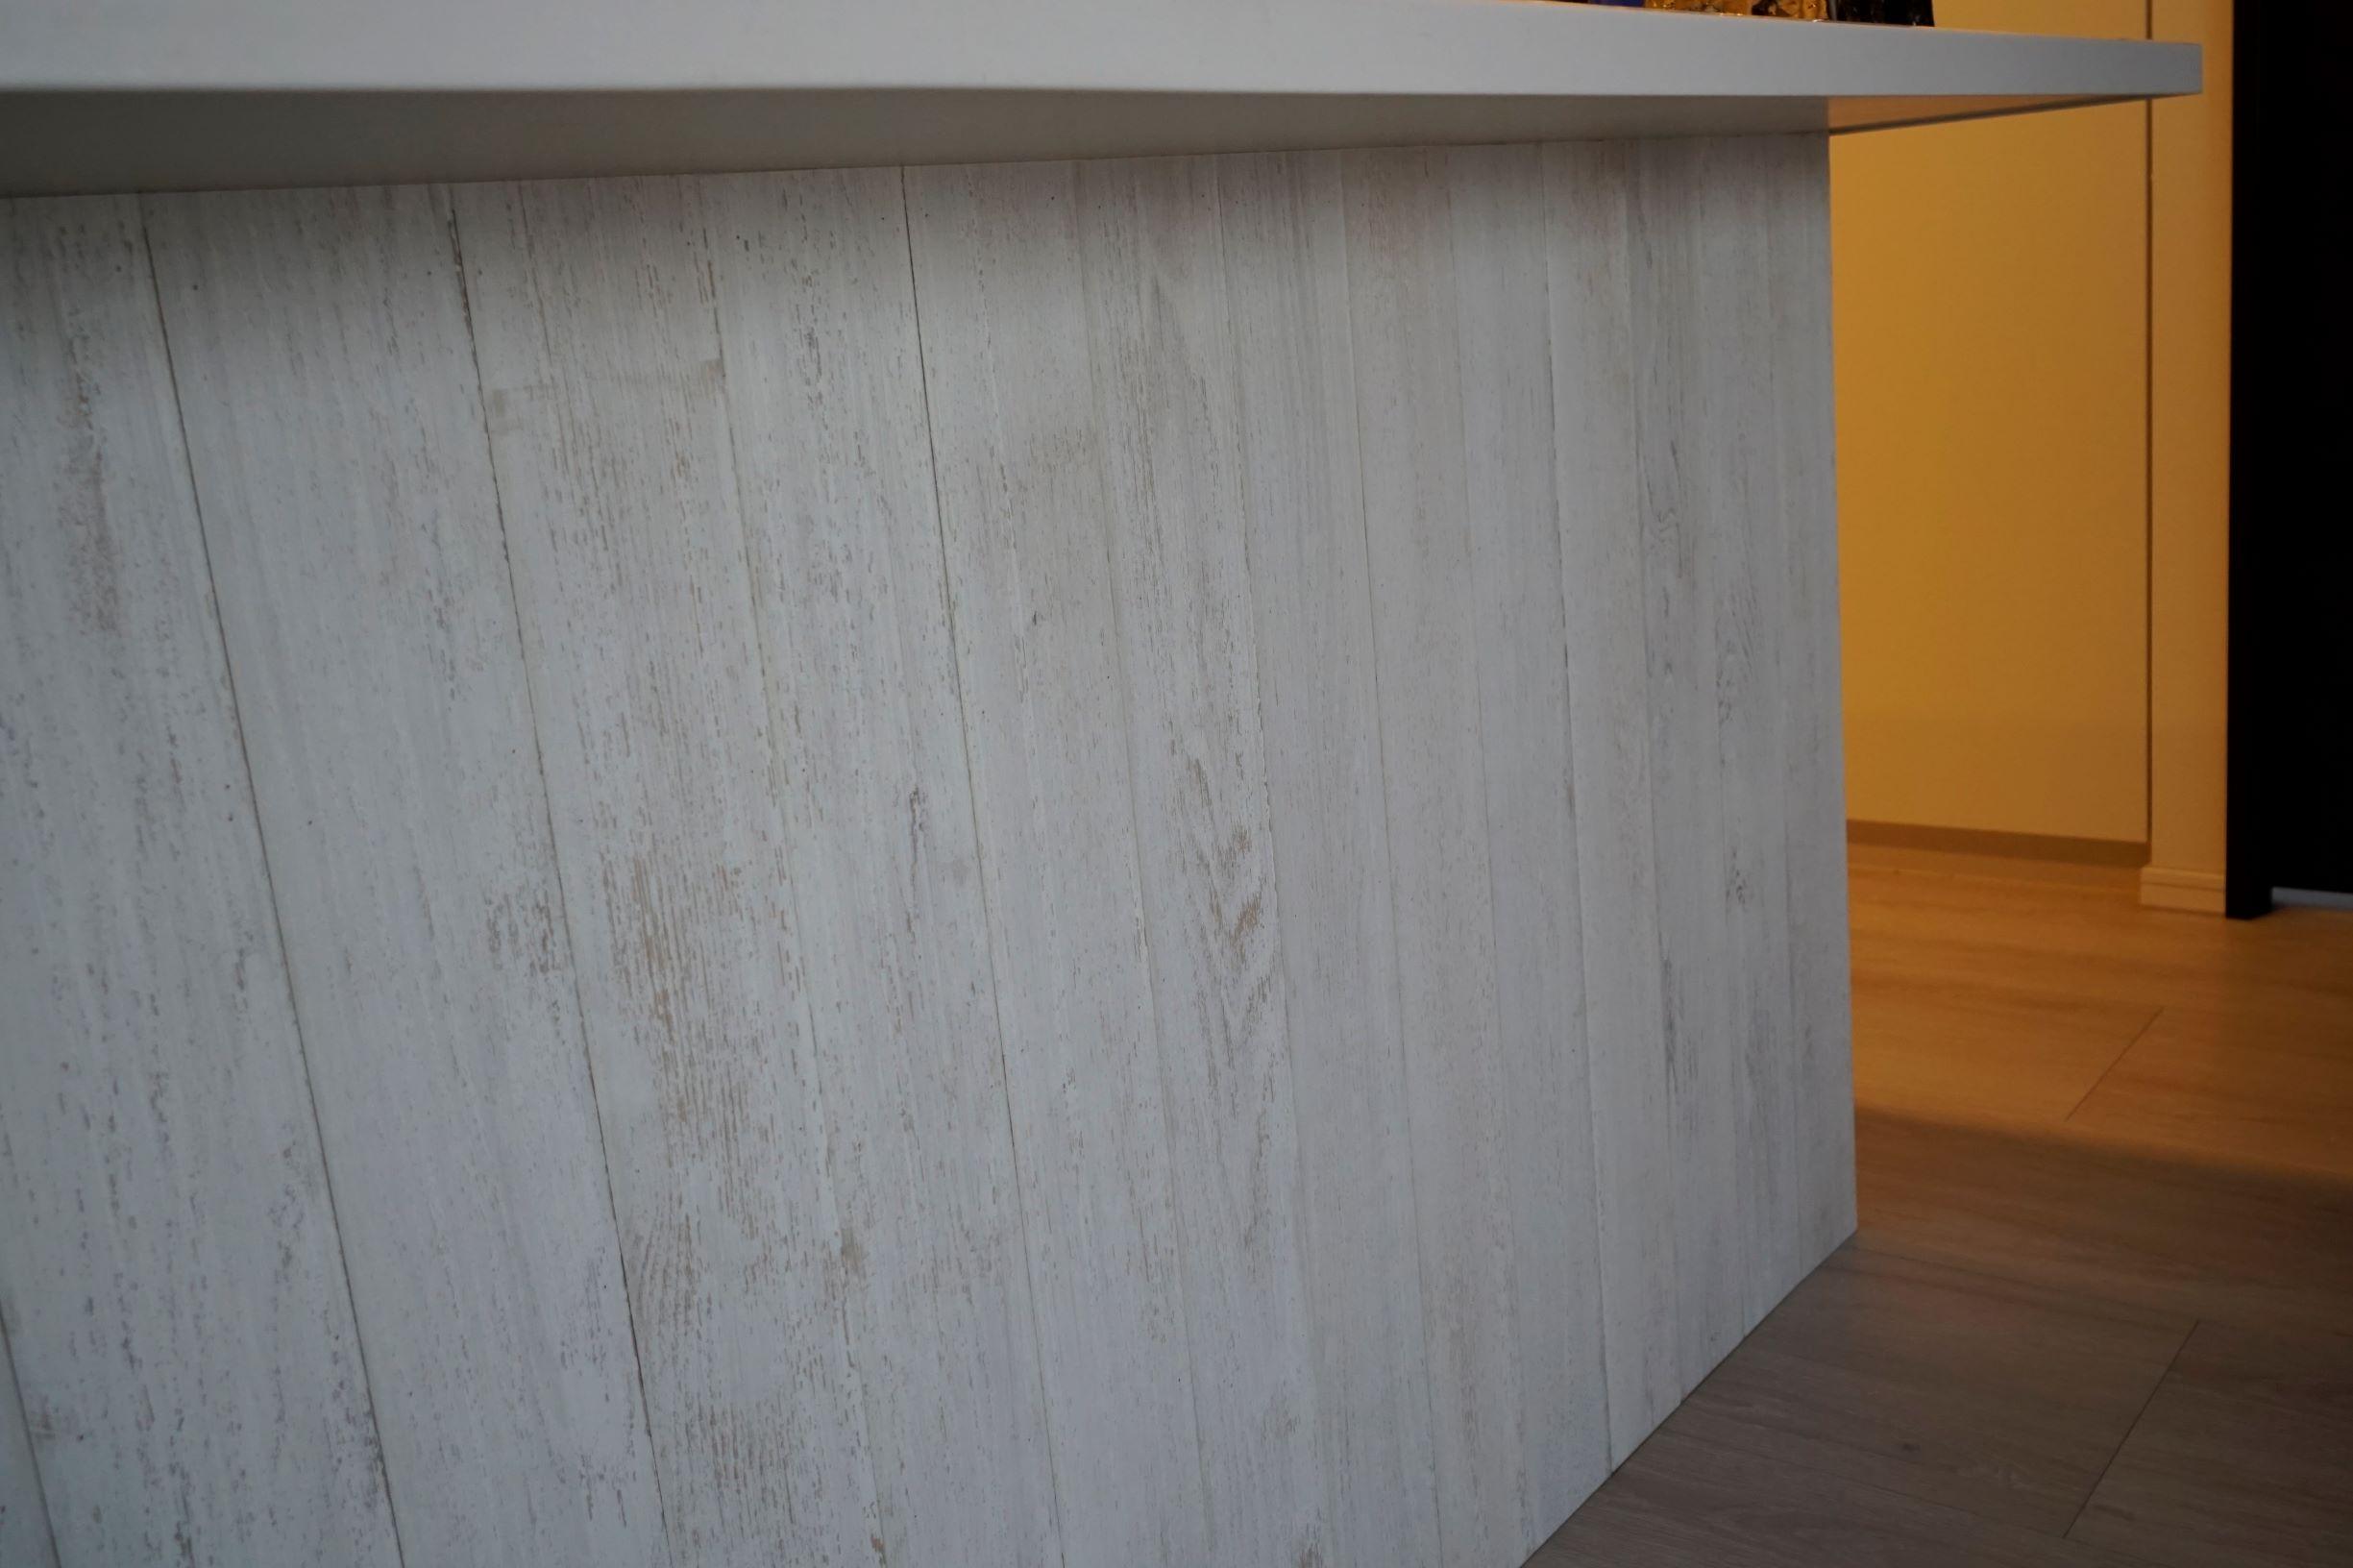 キッチンカウンター下部には木パネルを施工ナチュラルな雰囲気がリビングを包みます。 イメージ